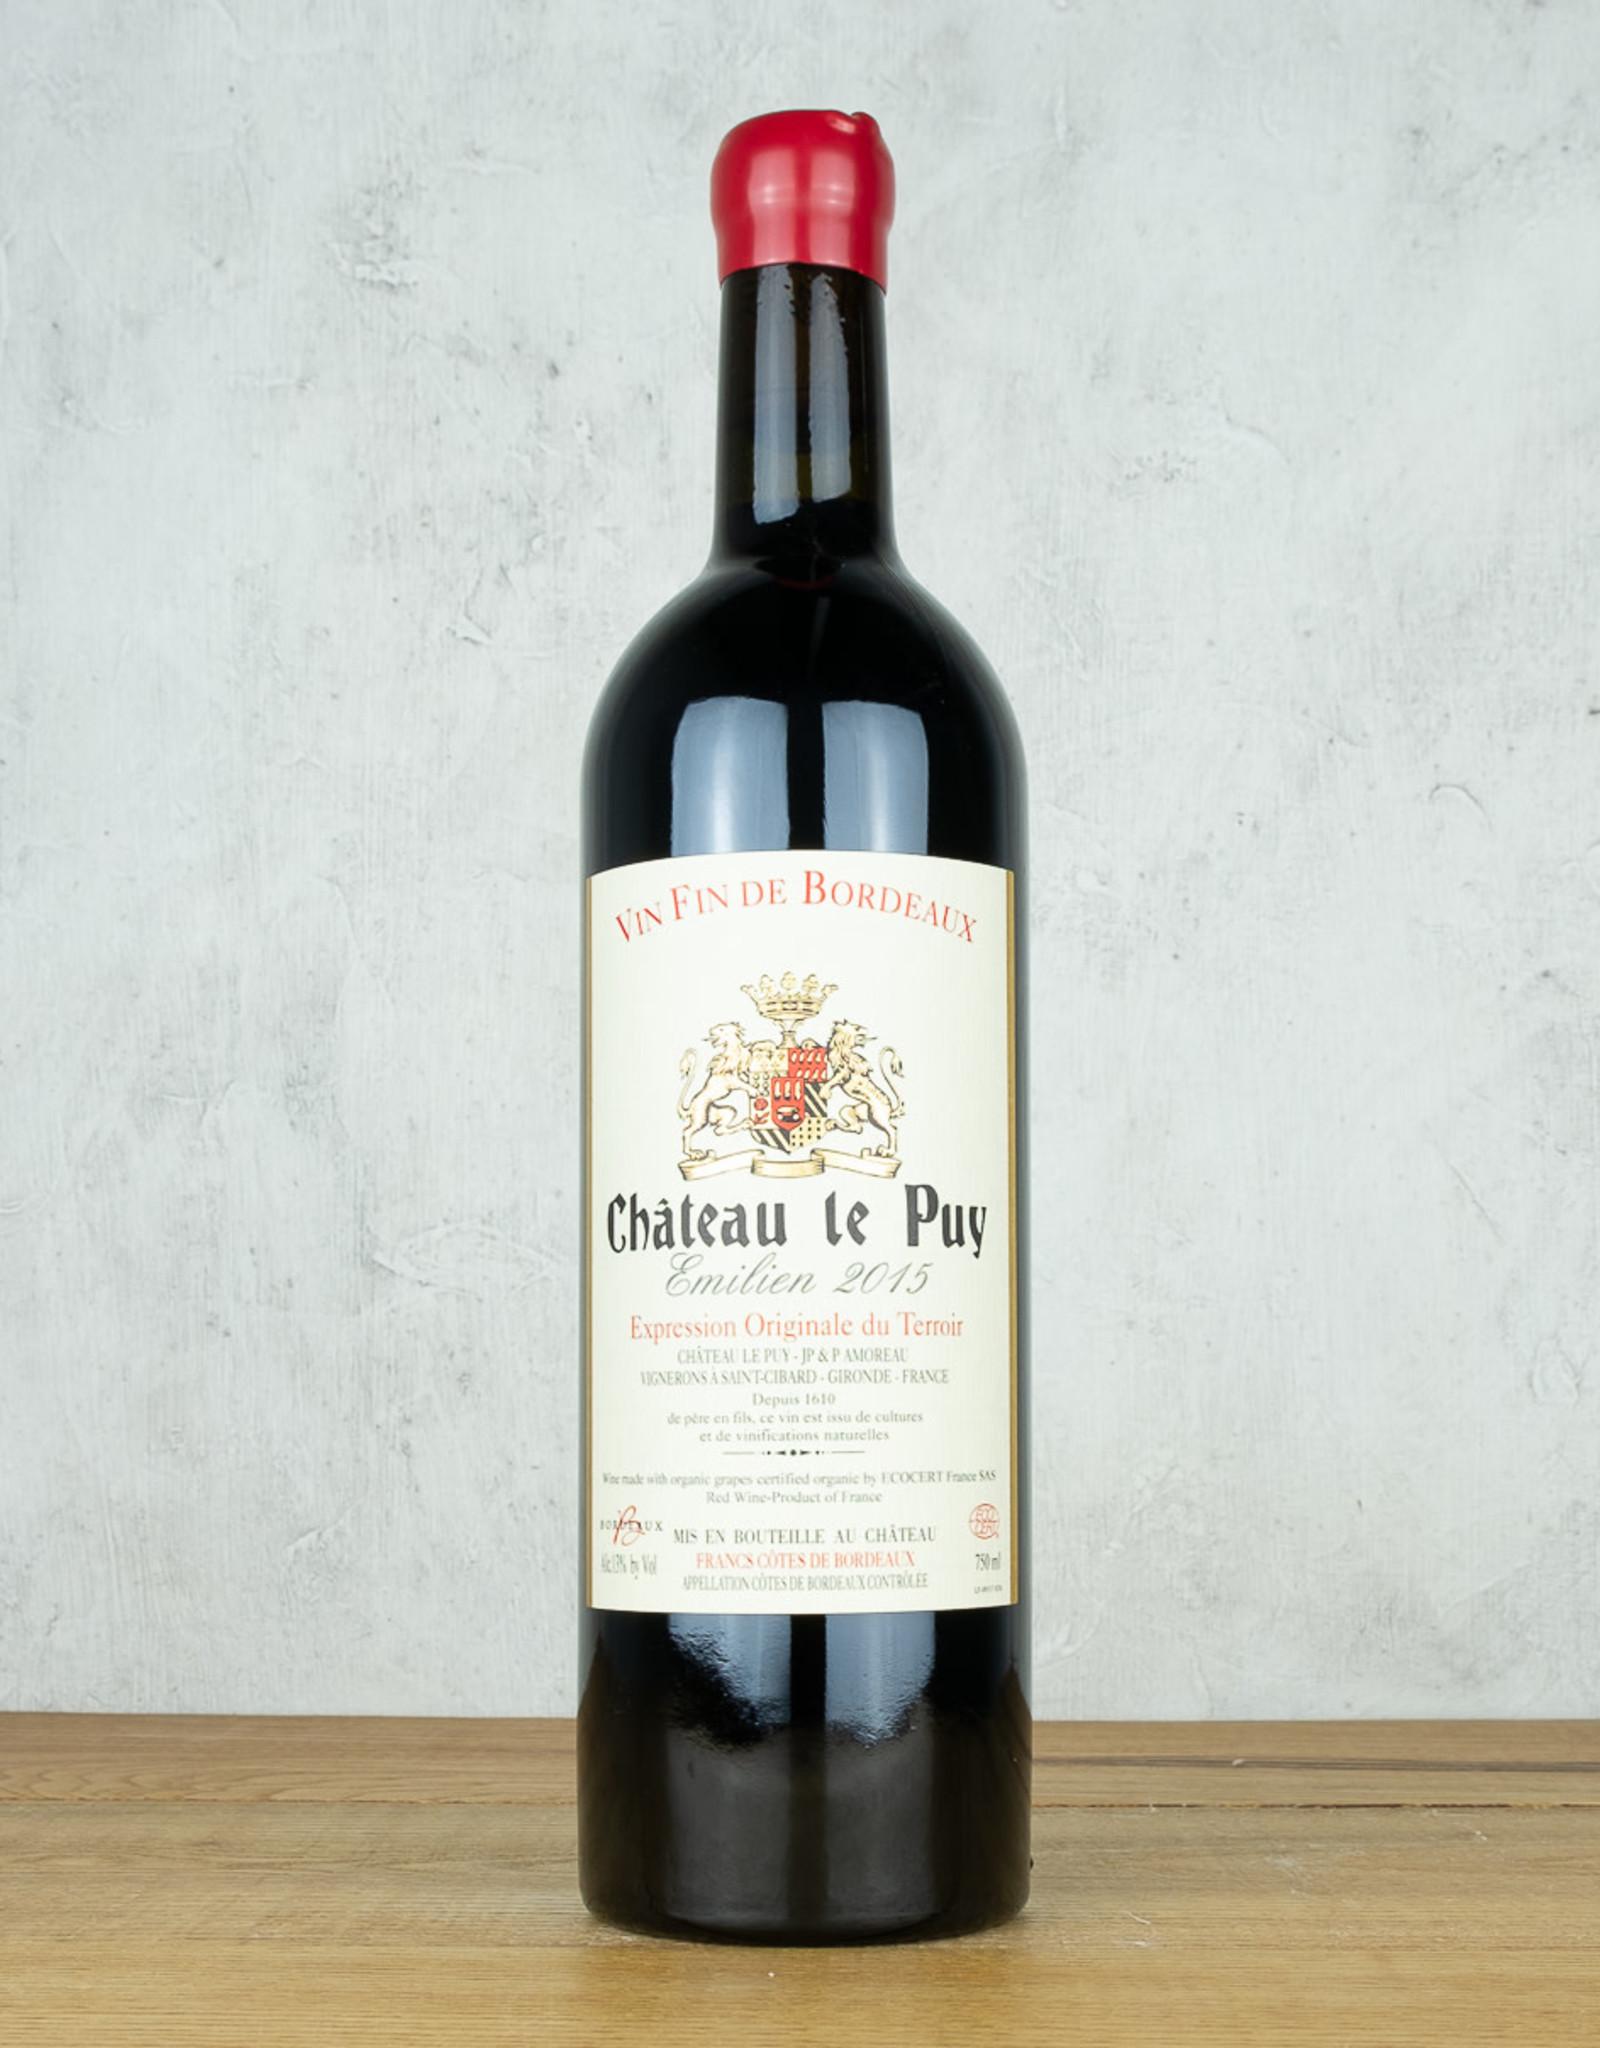 Chateau Le Puy Emilien Francs Cotes Du Bordeaux